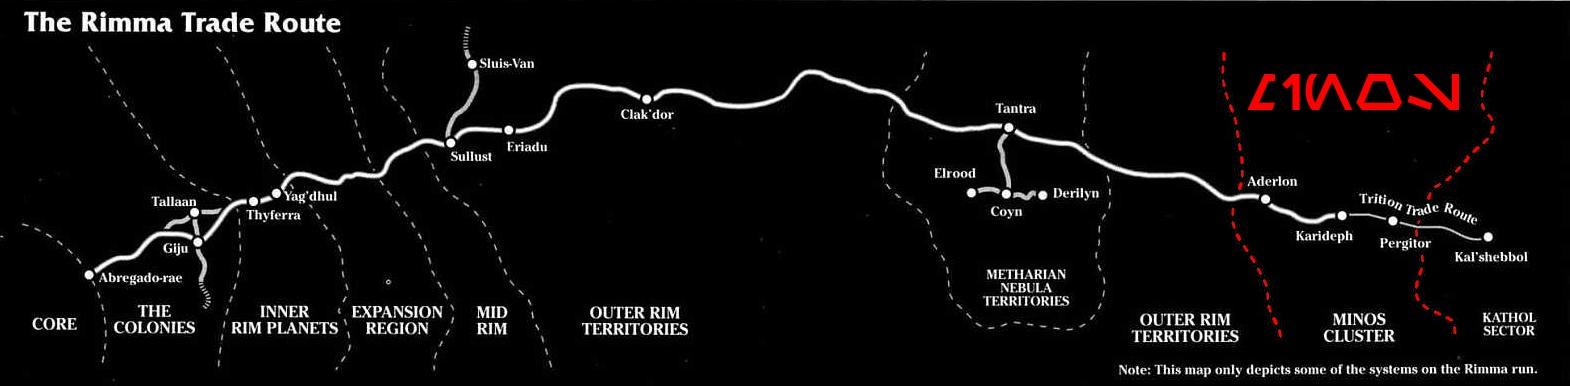 Rimma_Trade_Route.jpg